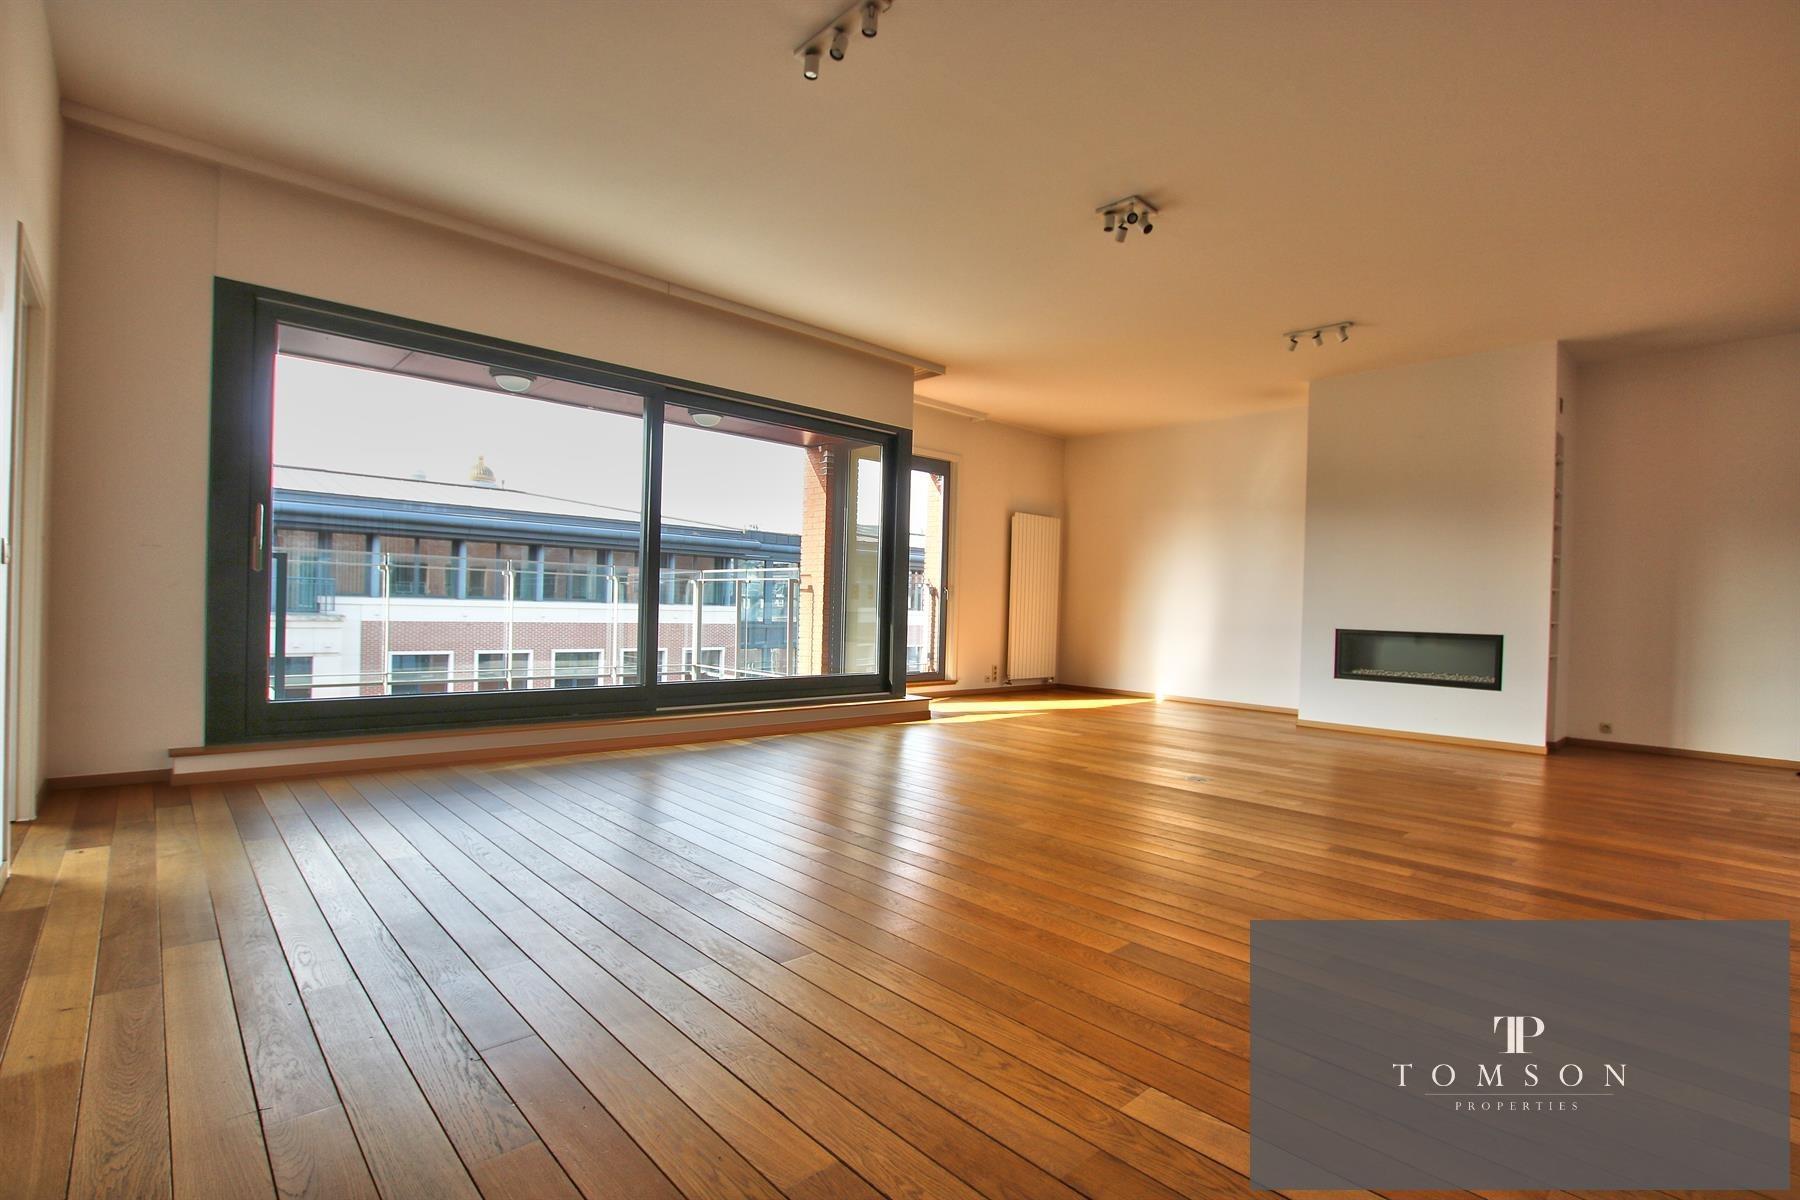 Appartement exceptionnel - Bruxelles - #4533636-1